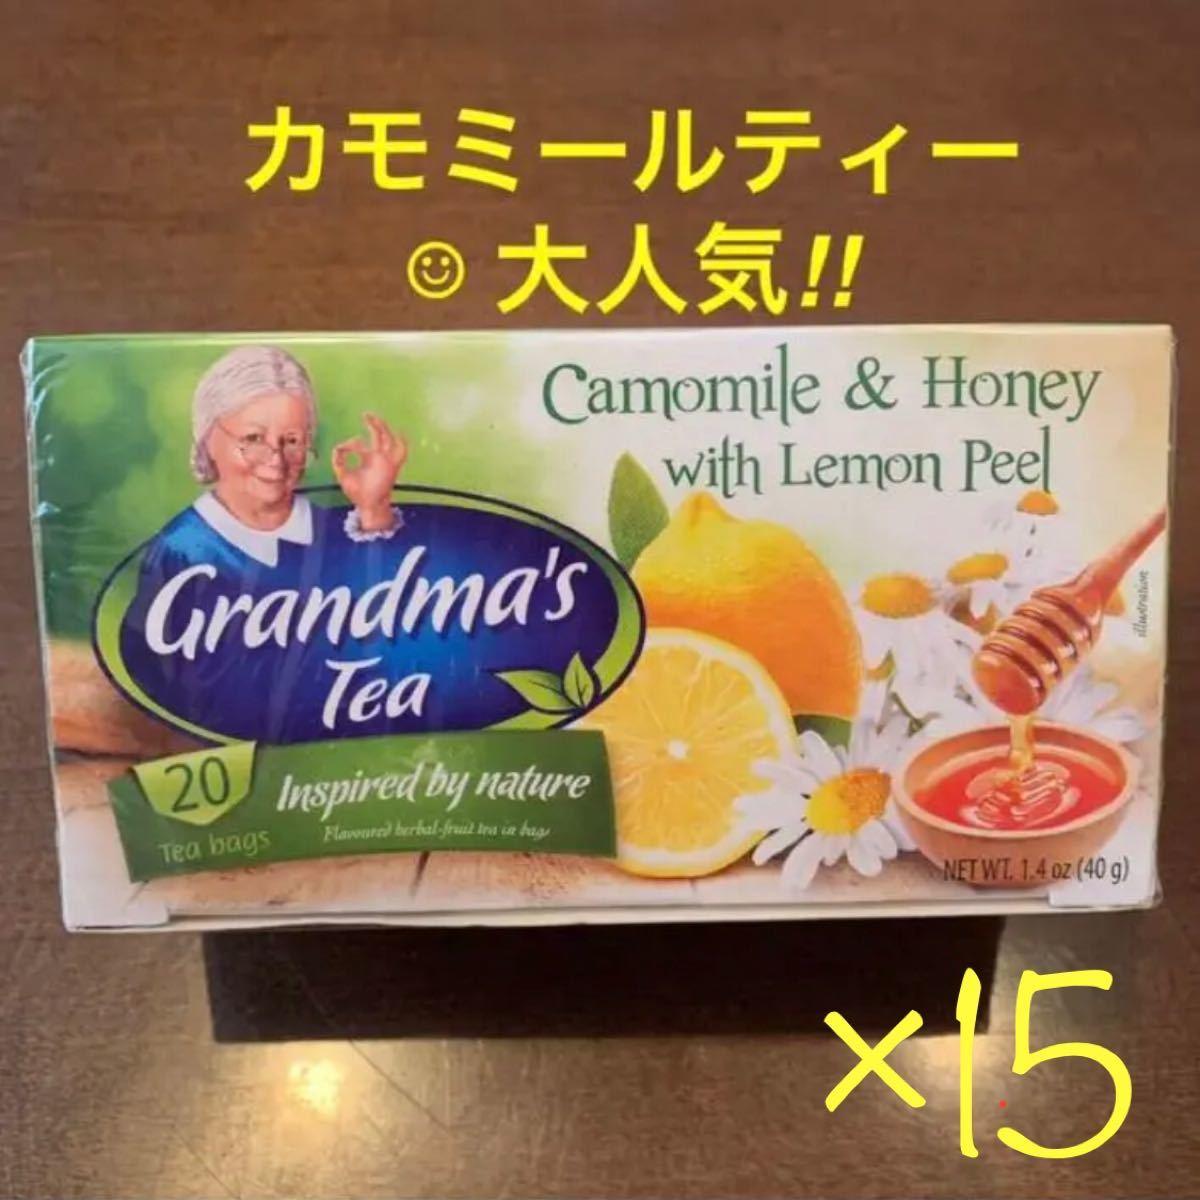 カモミールティー(はちみつ&レモン) ハーブティー 15箱